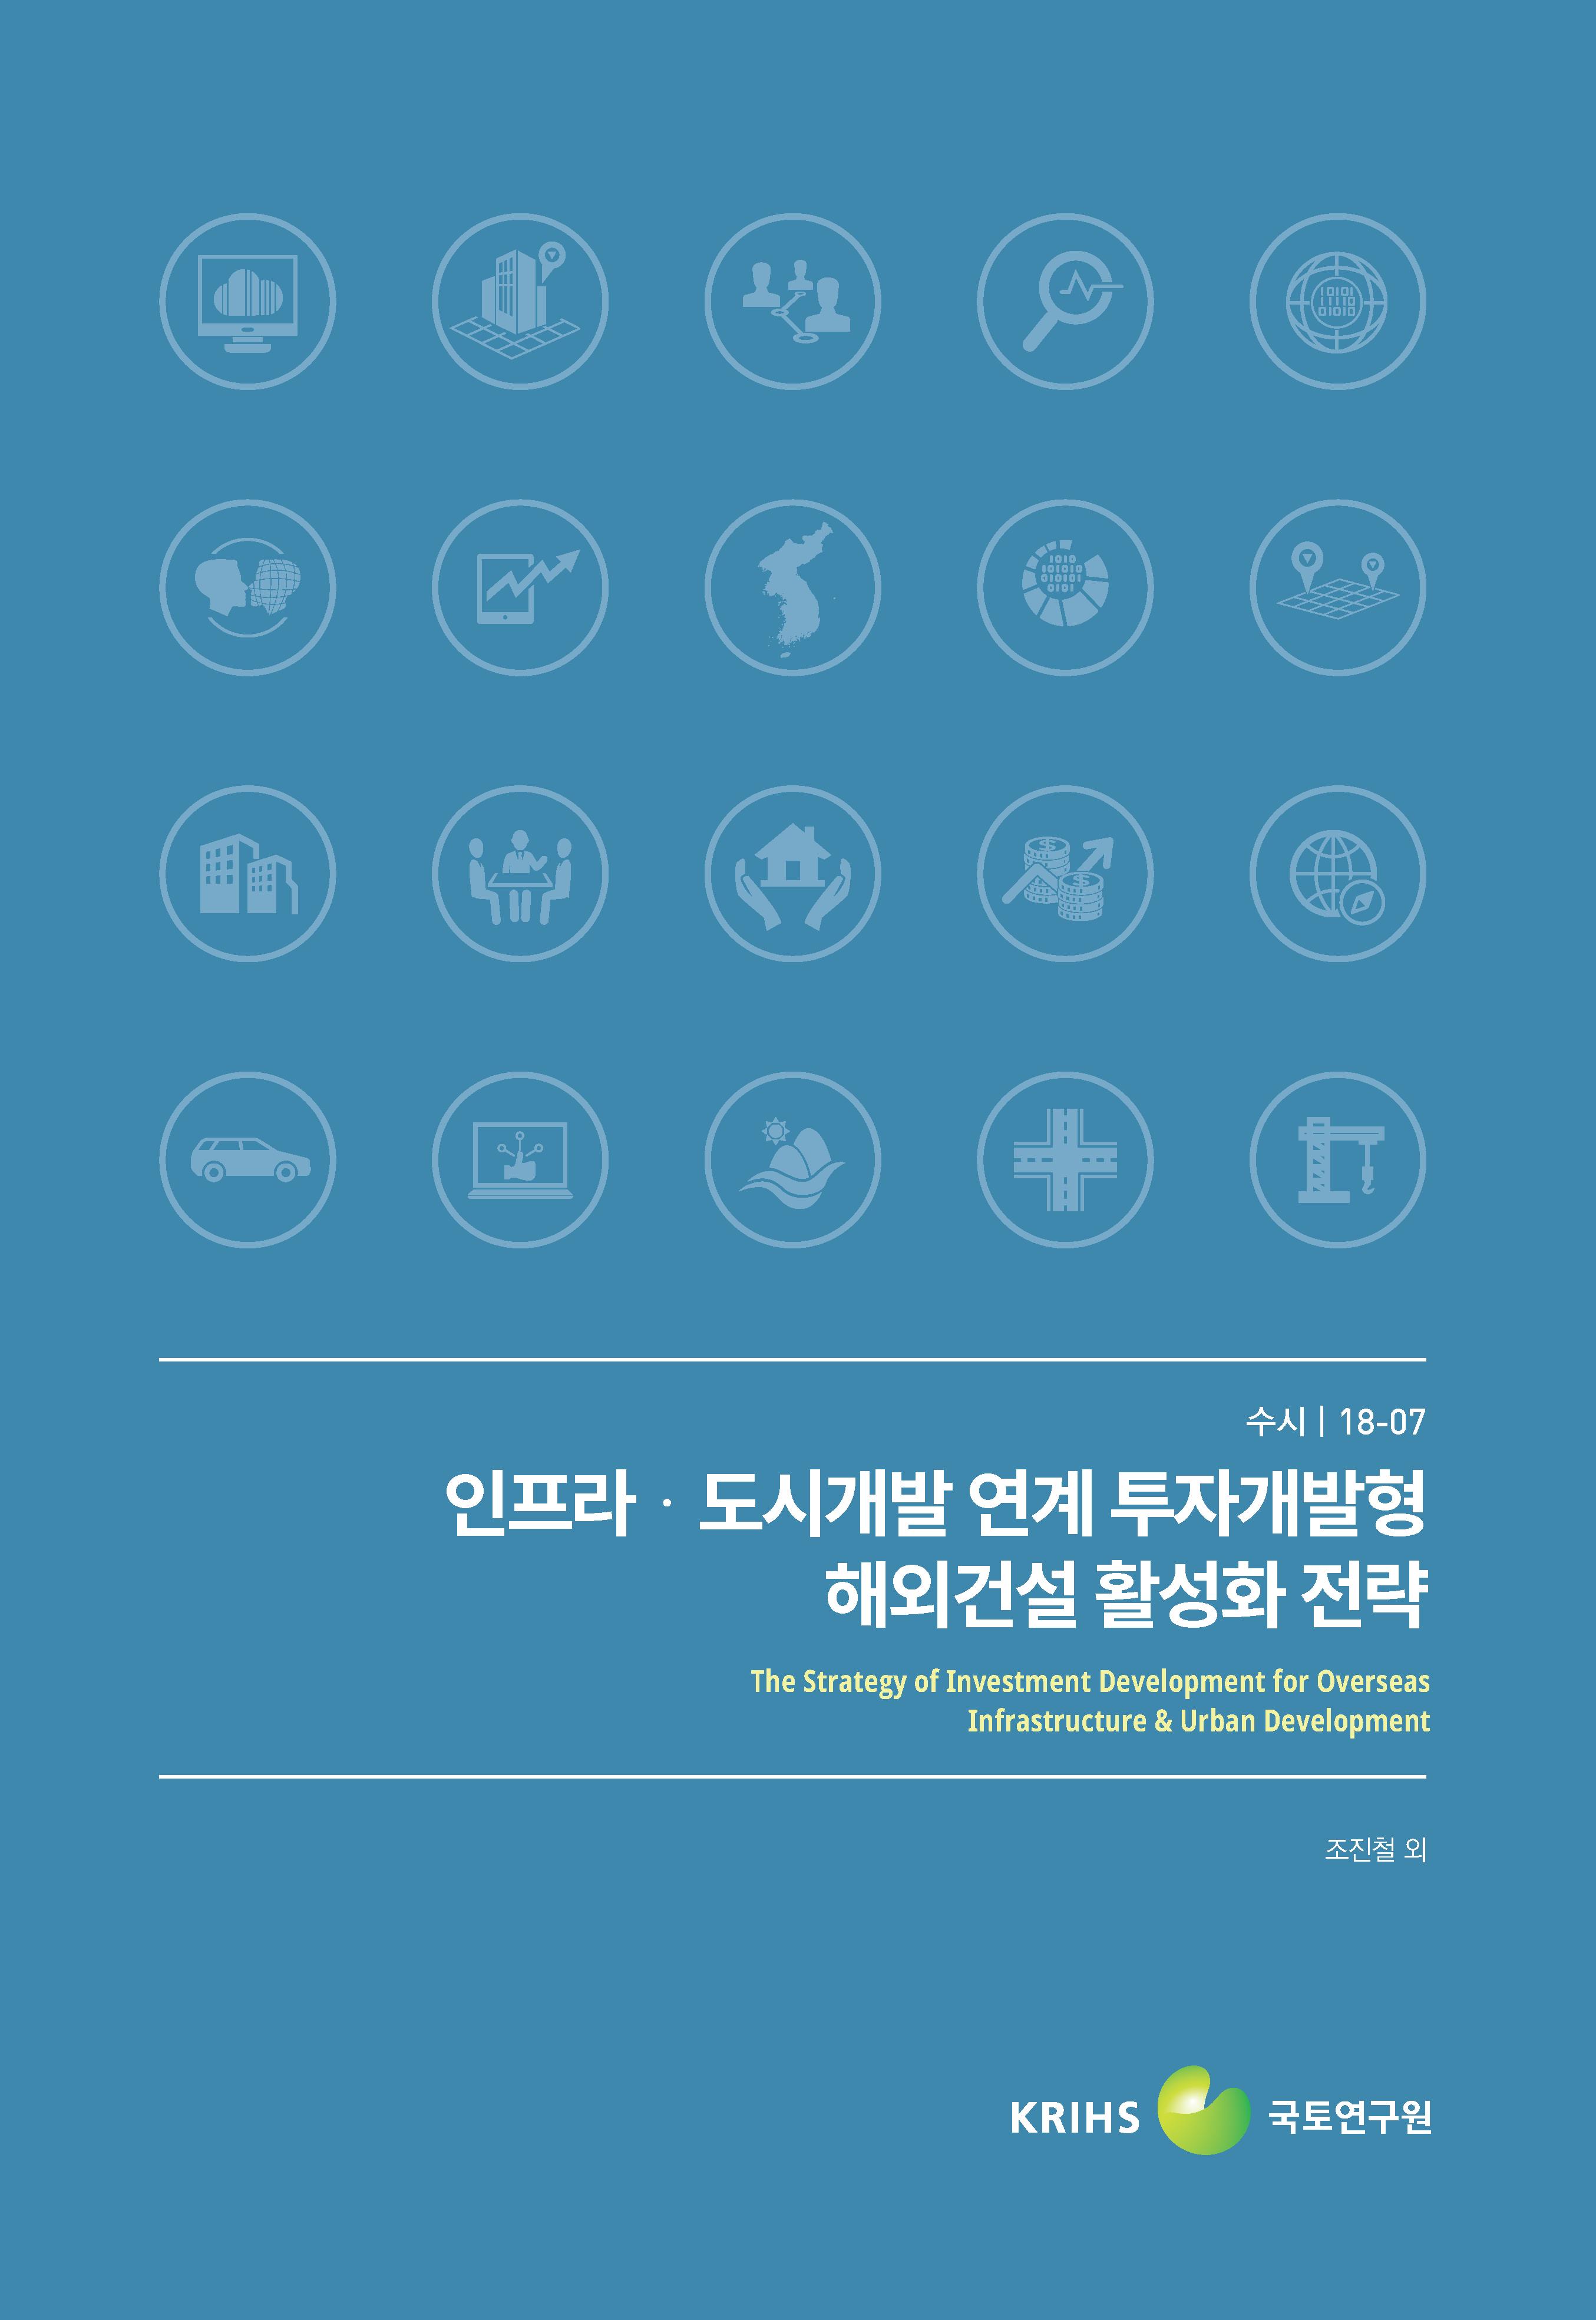 인프라·도시개발 연계 투자개발형 해외건설 활성화 전략표지